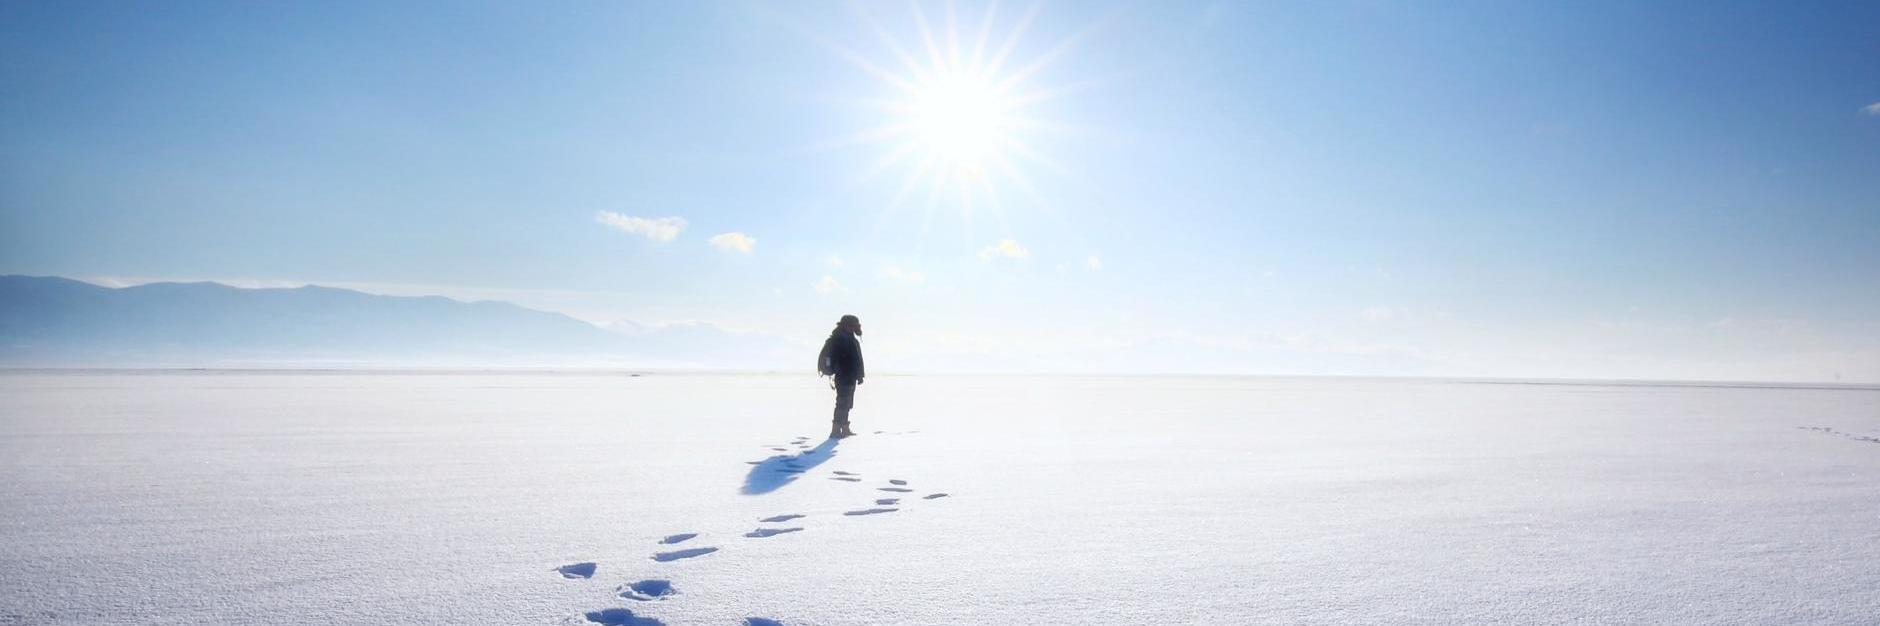 來吧,這里是勇敢者向往的地方,穿行在賽里木湖的冰面上